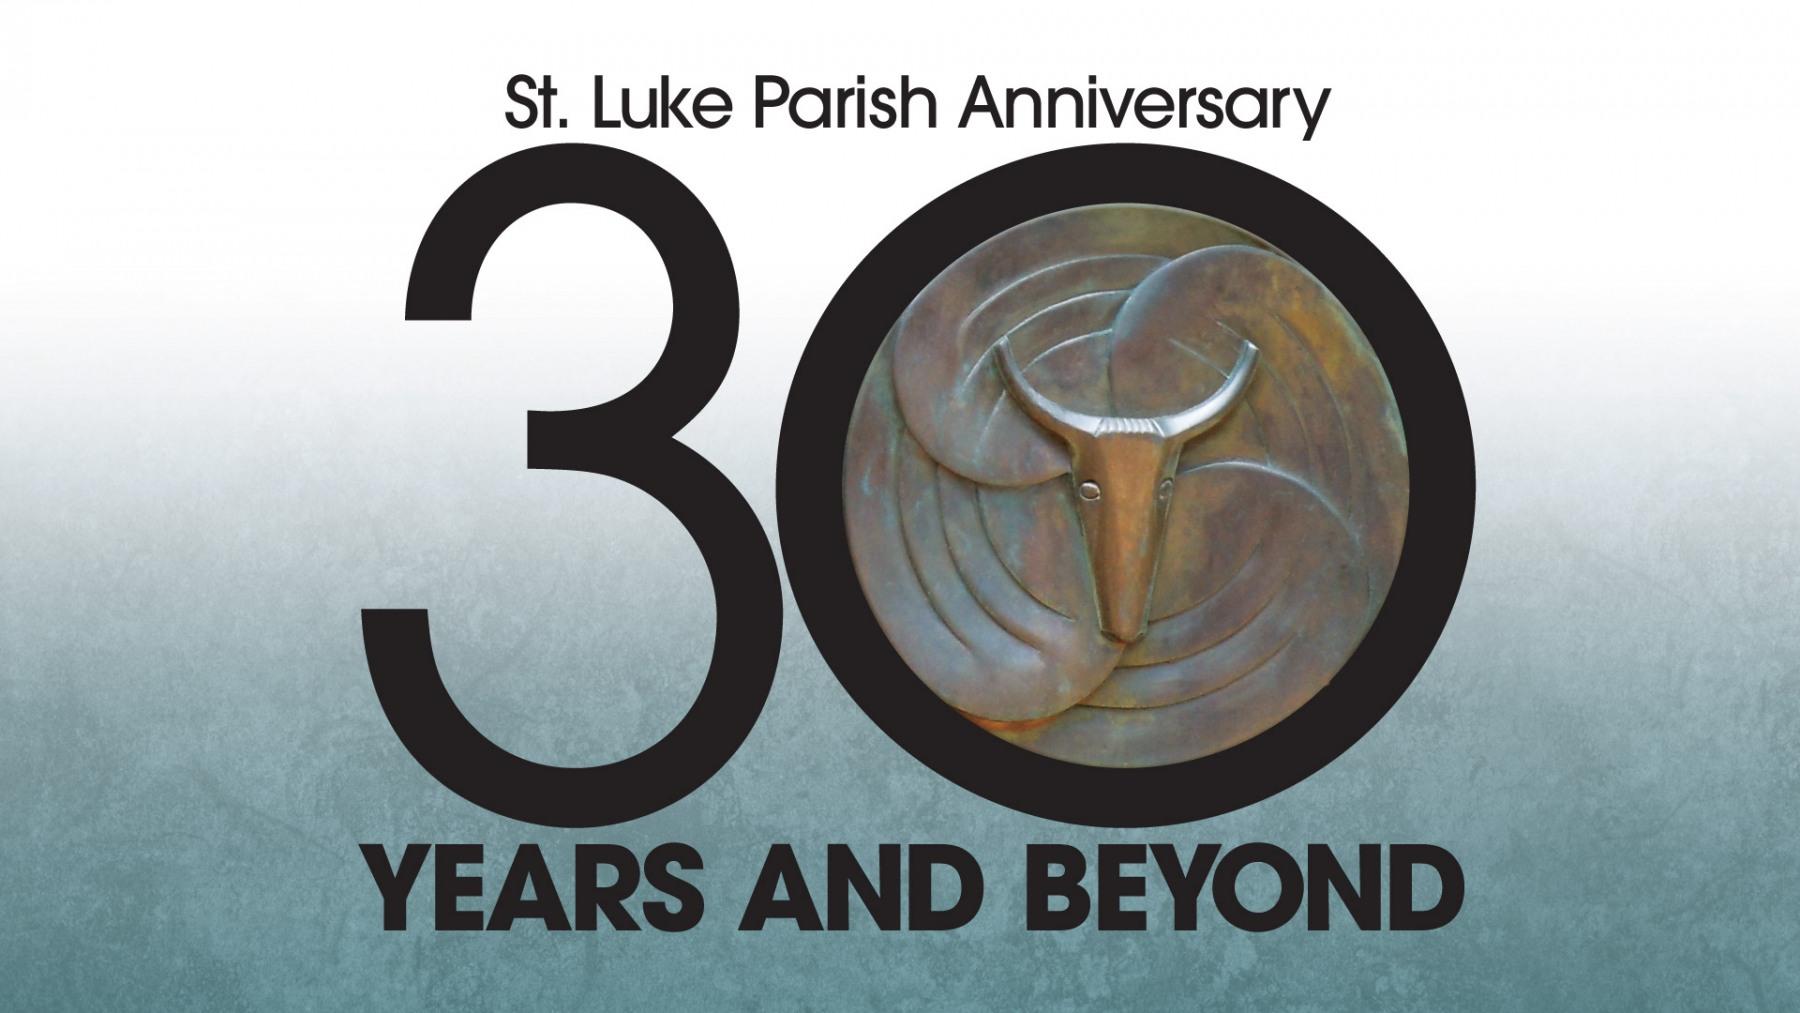 ST. LUKE PARISH 30TH ANNIVERSARY LOGO